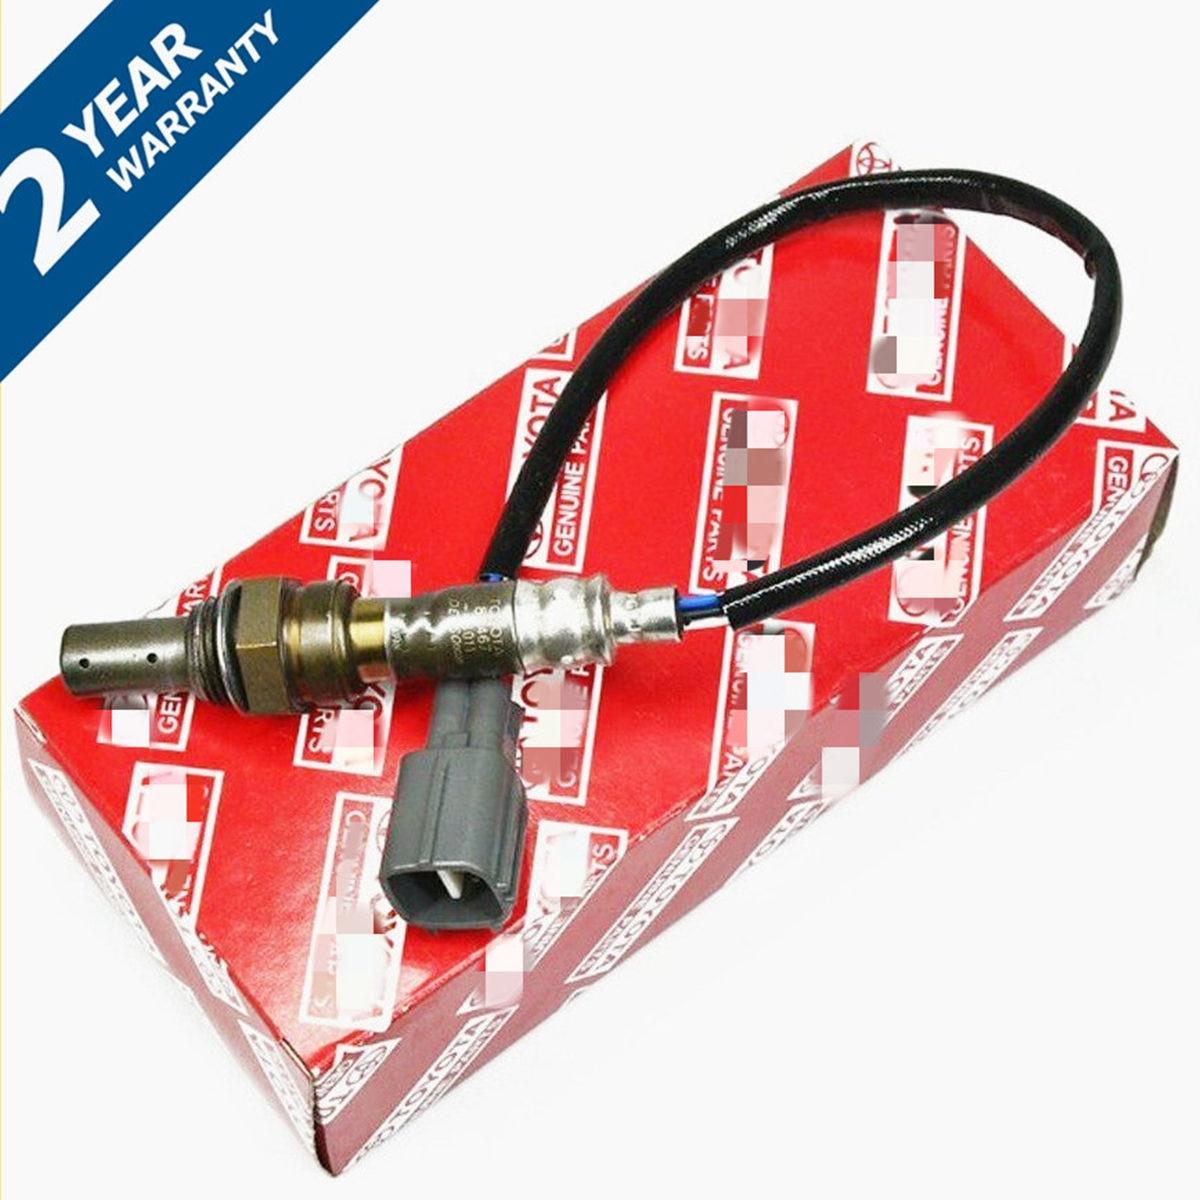 Air Fuel Ratio O2 Oxygen Sensor SG848 89467-48011 234-9009 For Toyota Lexu RX300 G1R